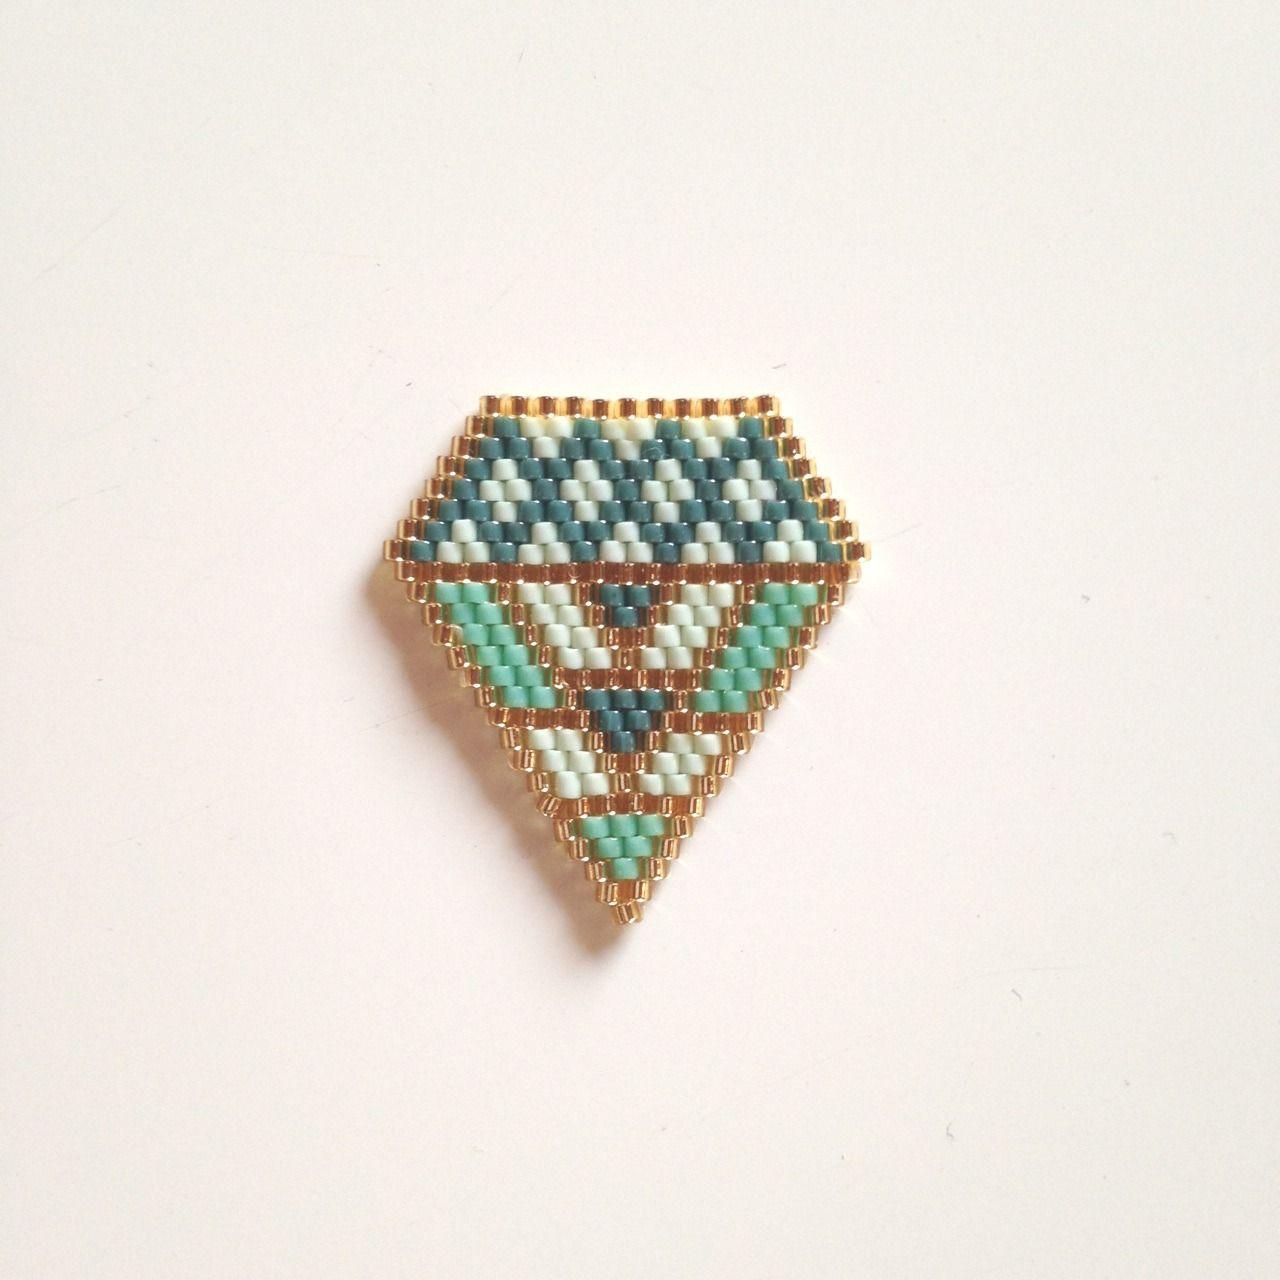 Broche tissage brick stitch miyuki